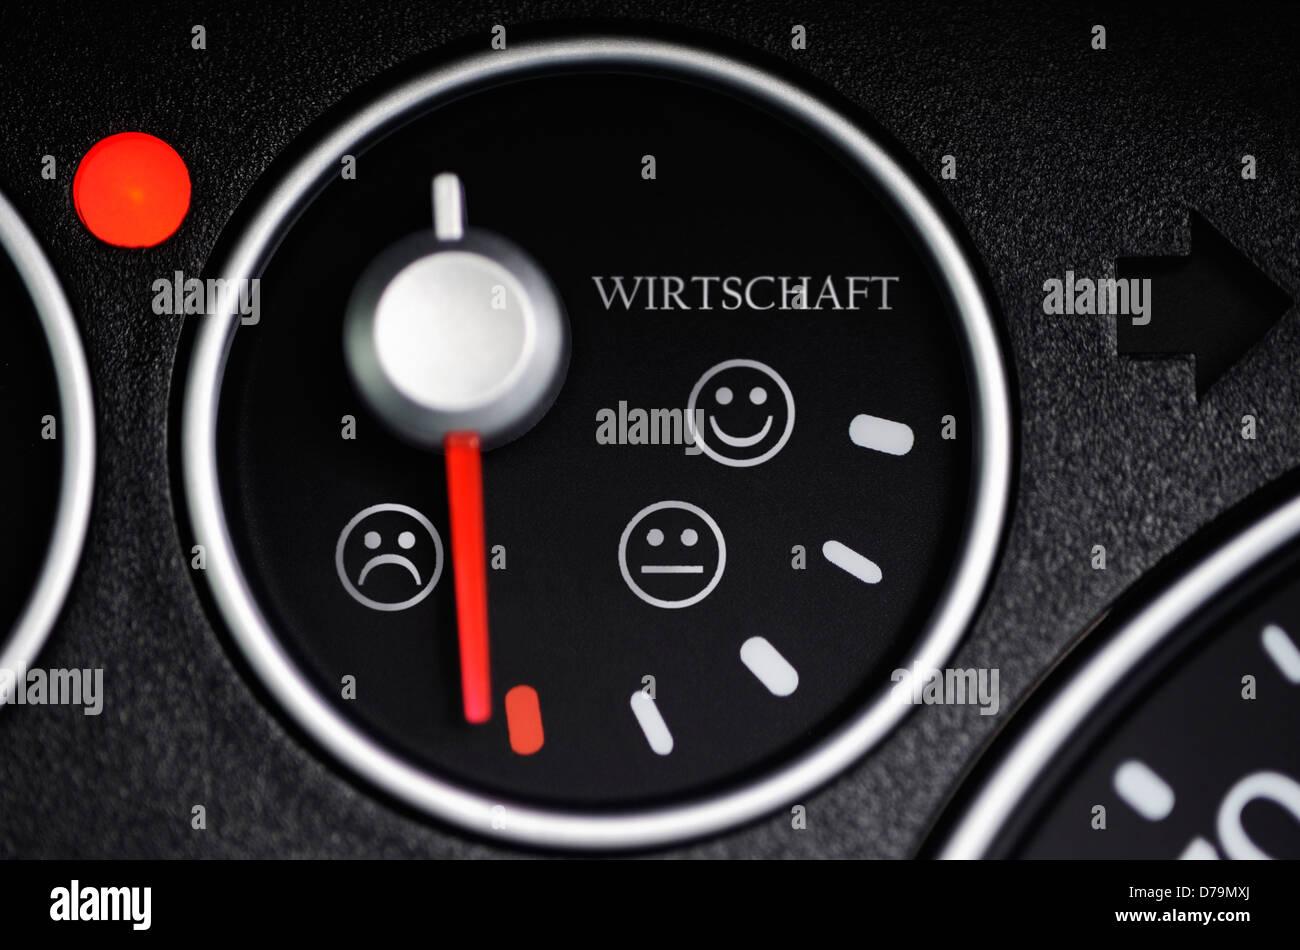 Tank announcement with Smileys and stroke economy, business barometre , Tankanzeige mit Smileys und Schriftzug Wirtschaft, - Stock Image